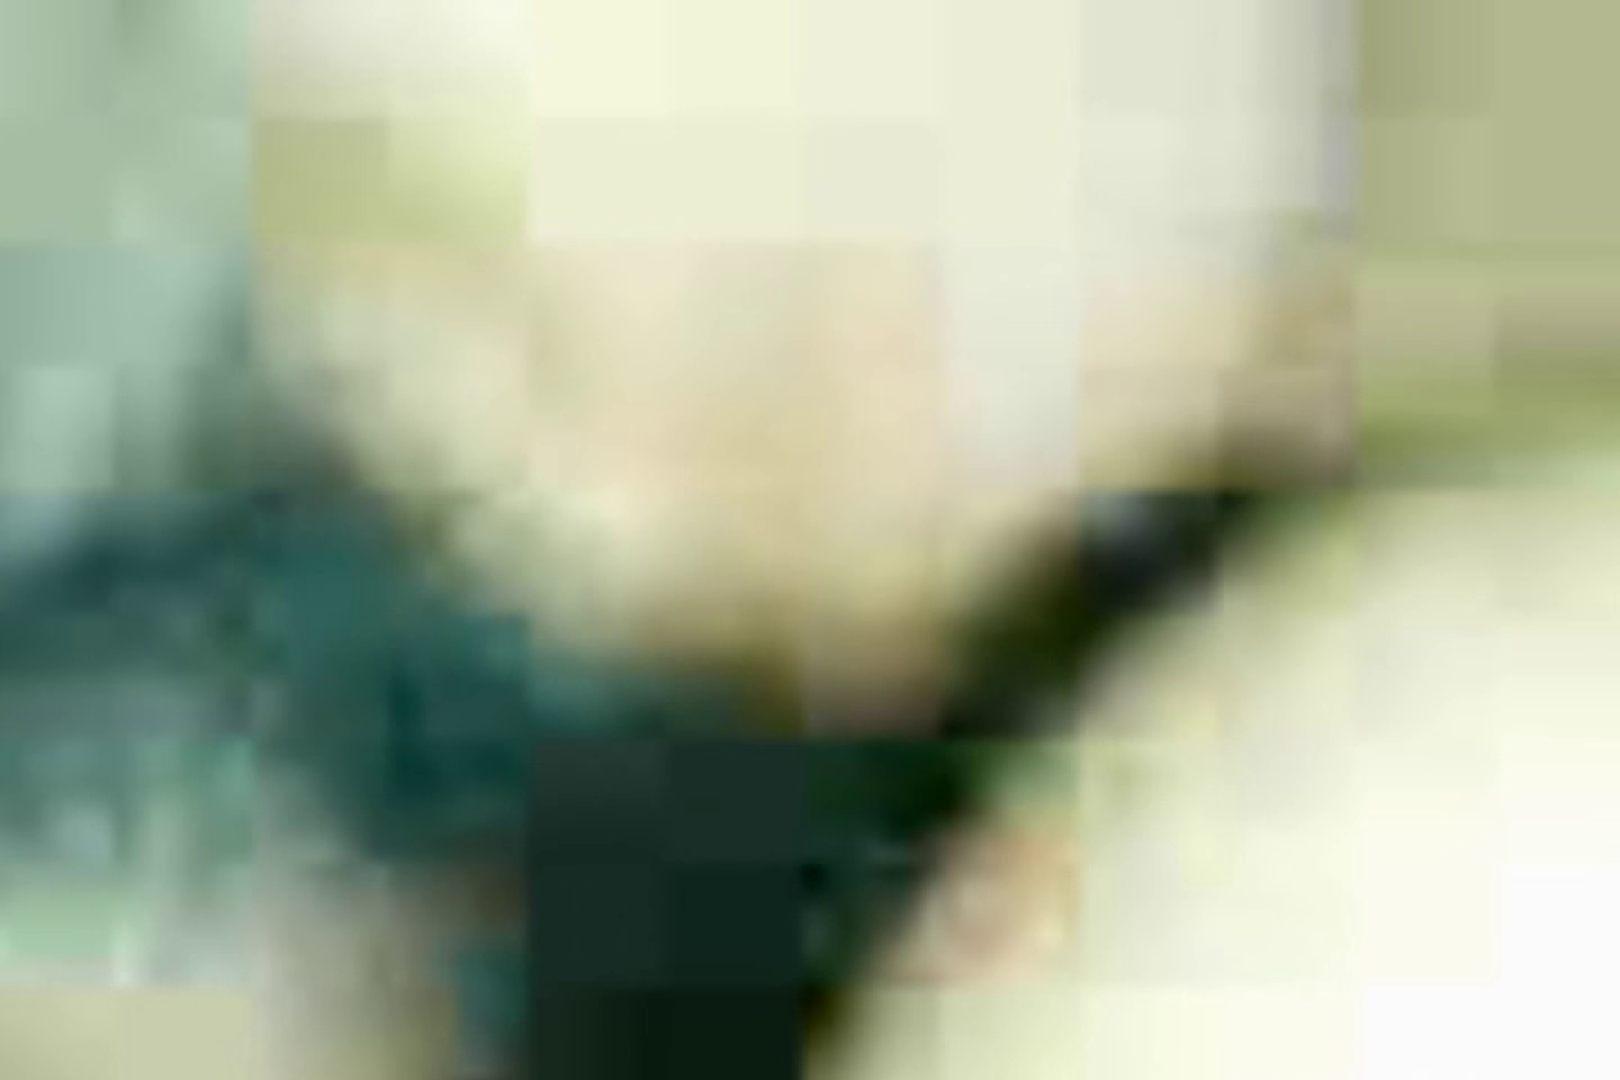 ウイルス流出 串田良祐と小学校教諭のハメ撮りアルバム 流出作品  74pic 40